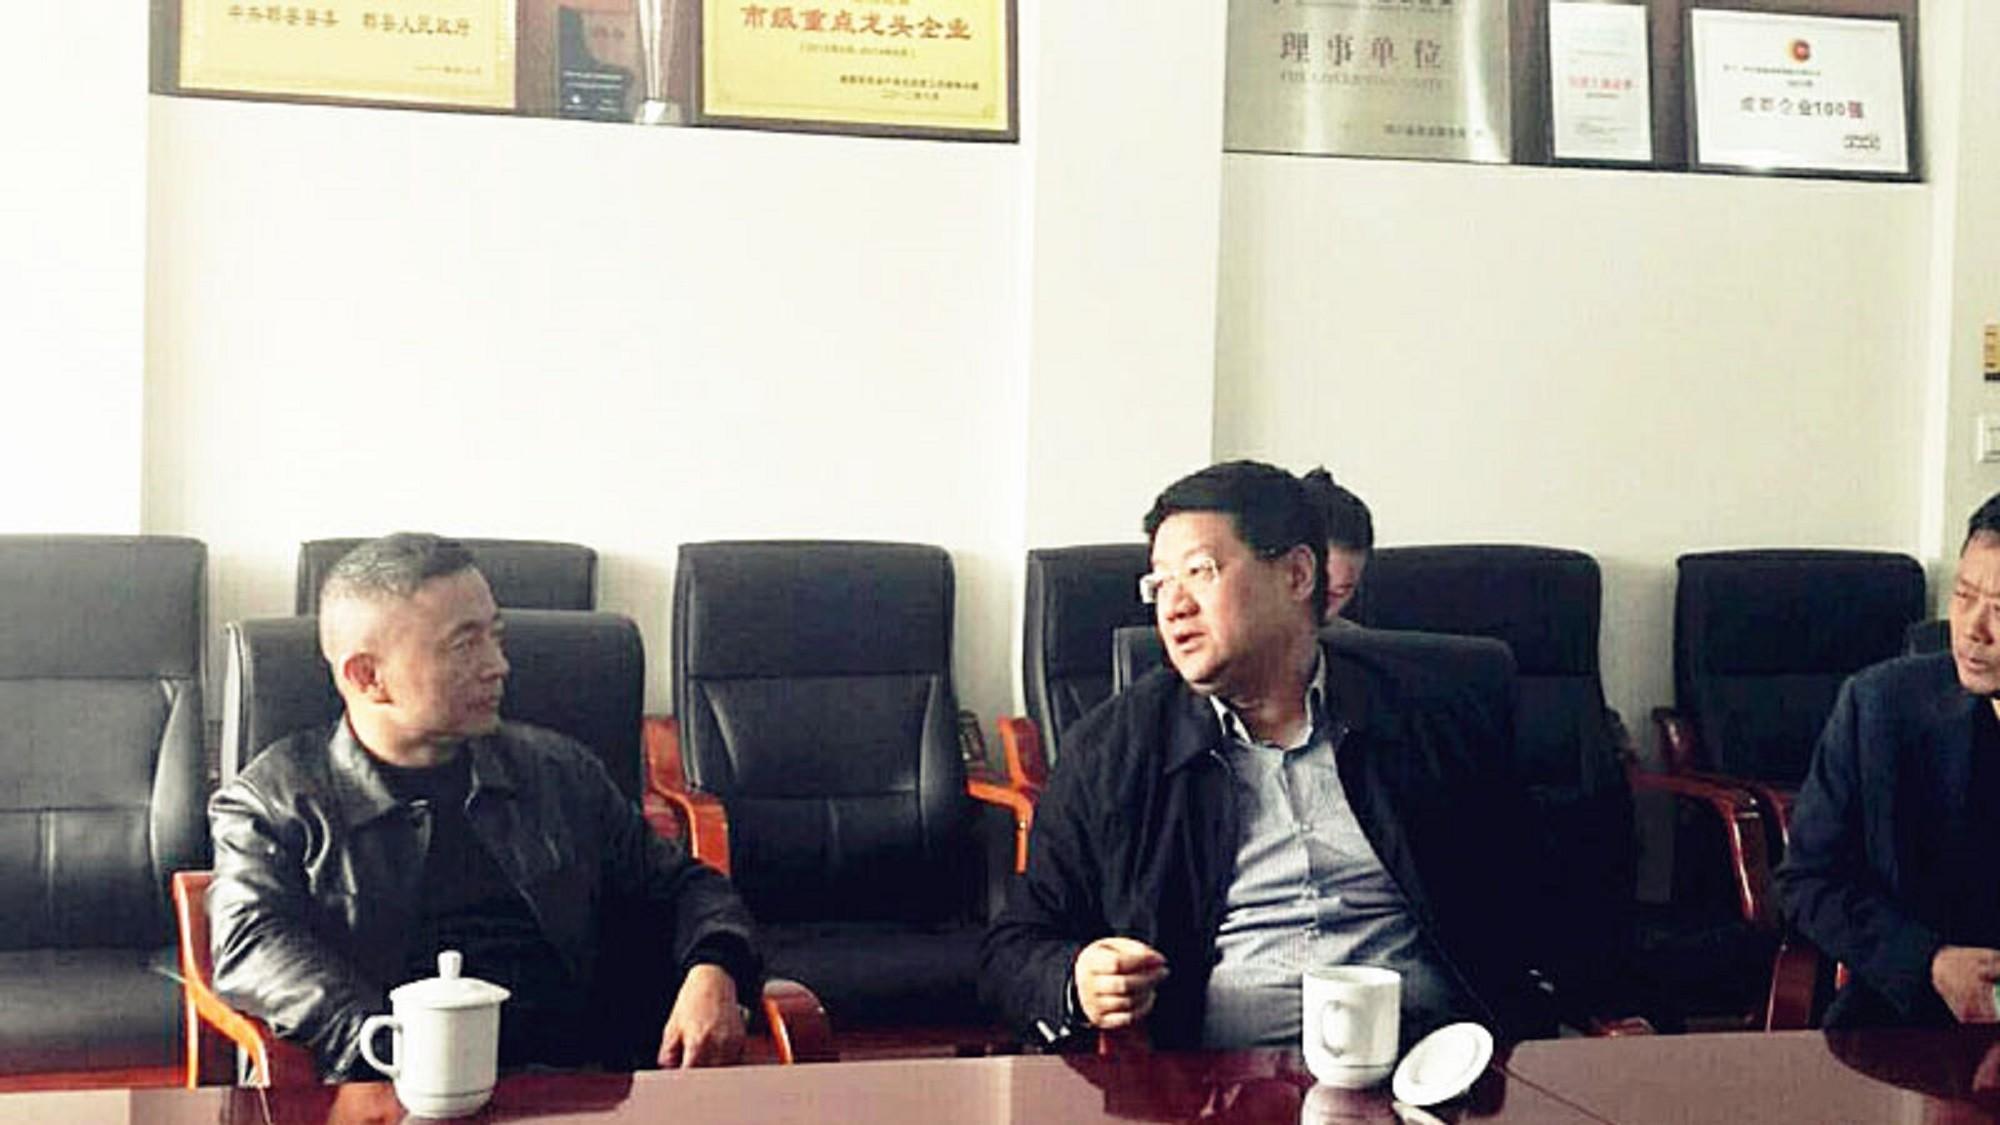 郫县政协主席刘航一行来我公司慰问视察工作2